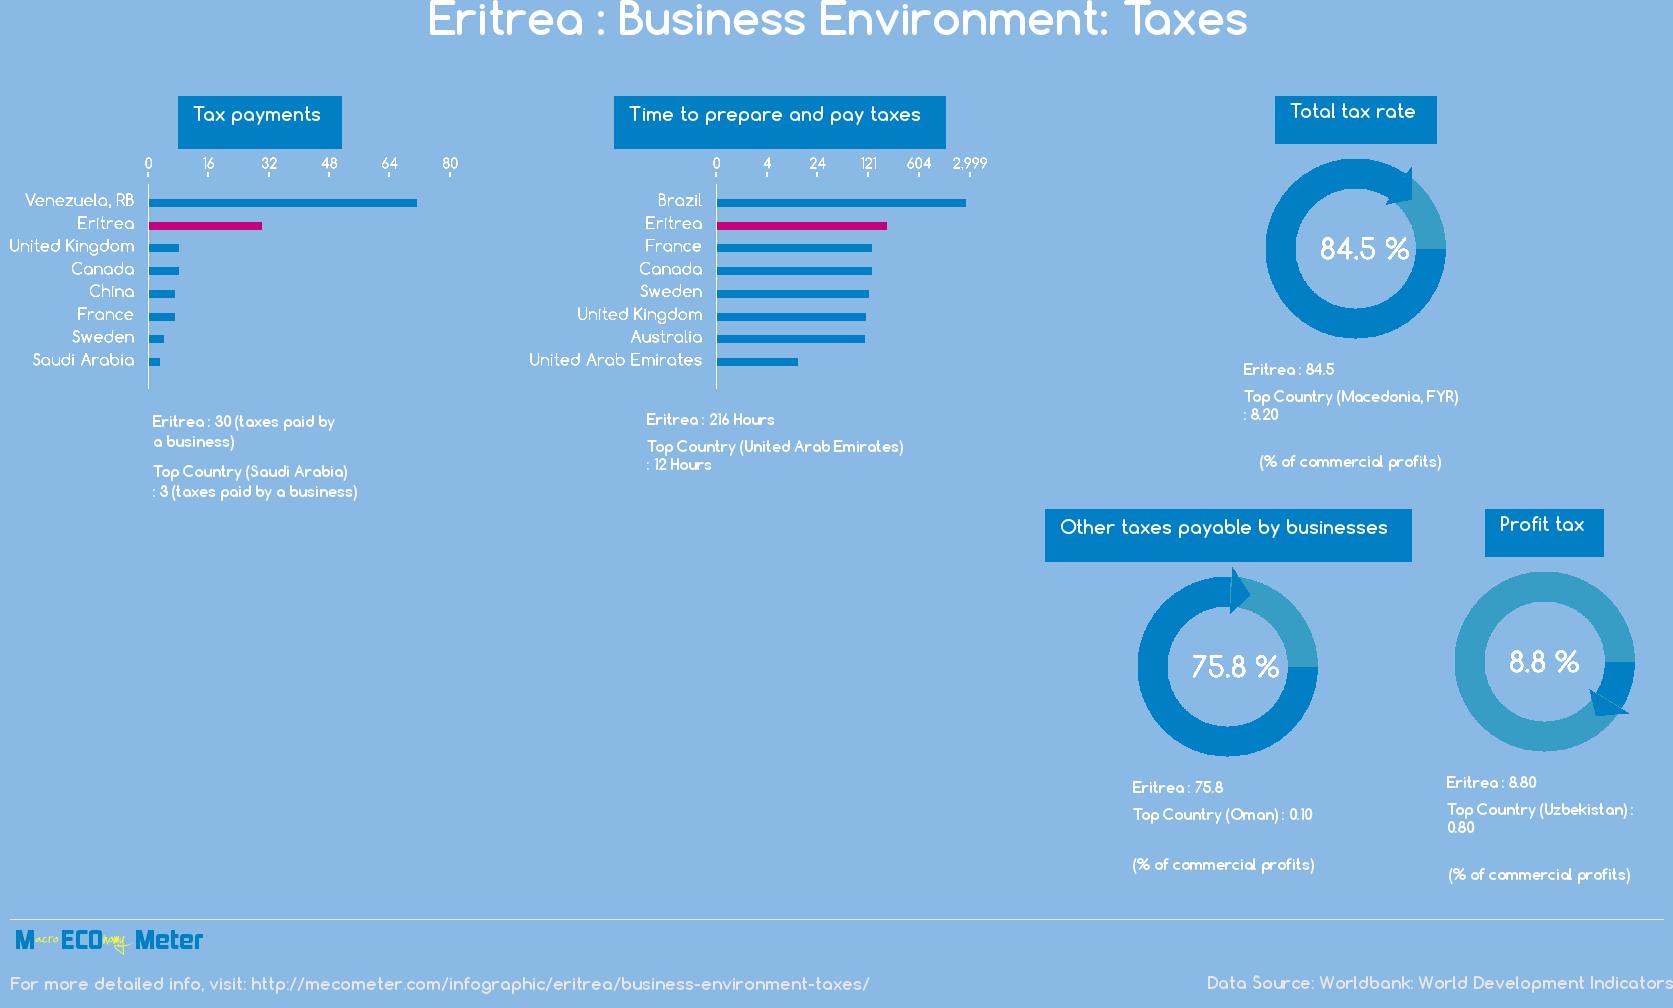 Eritrea : Business Environment: Taxes